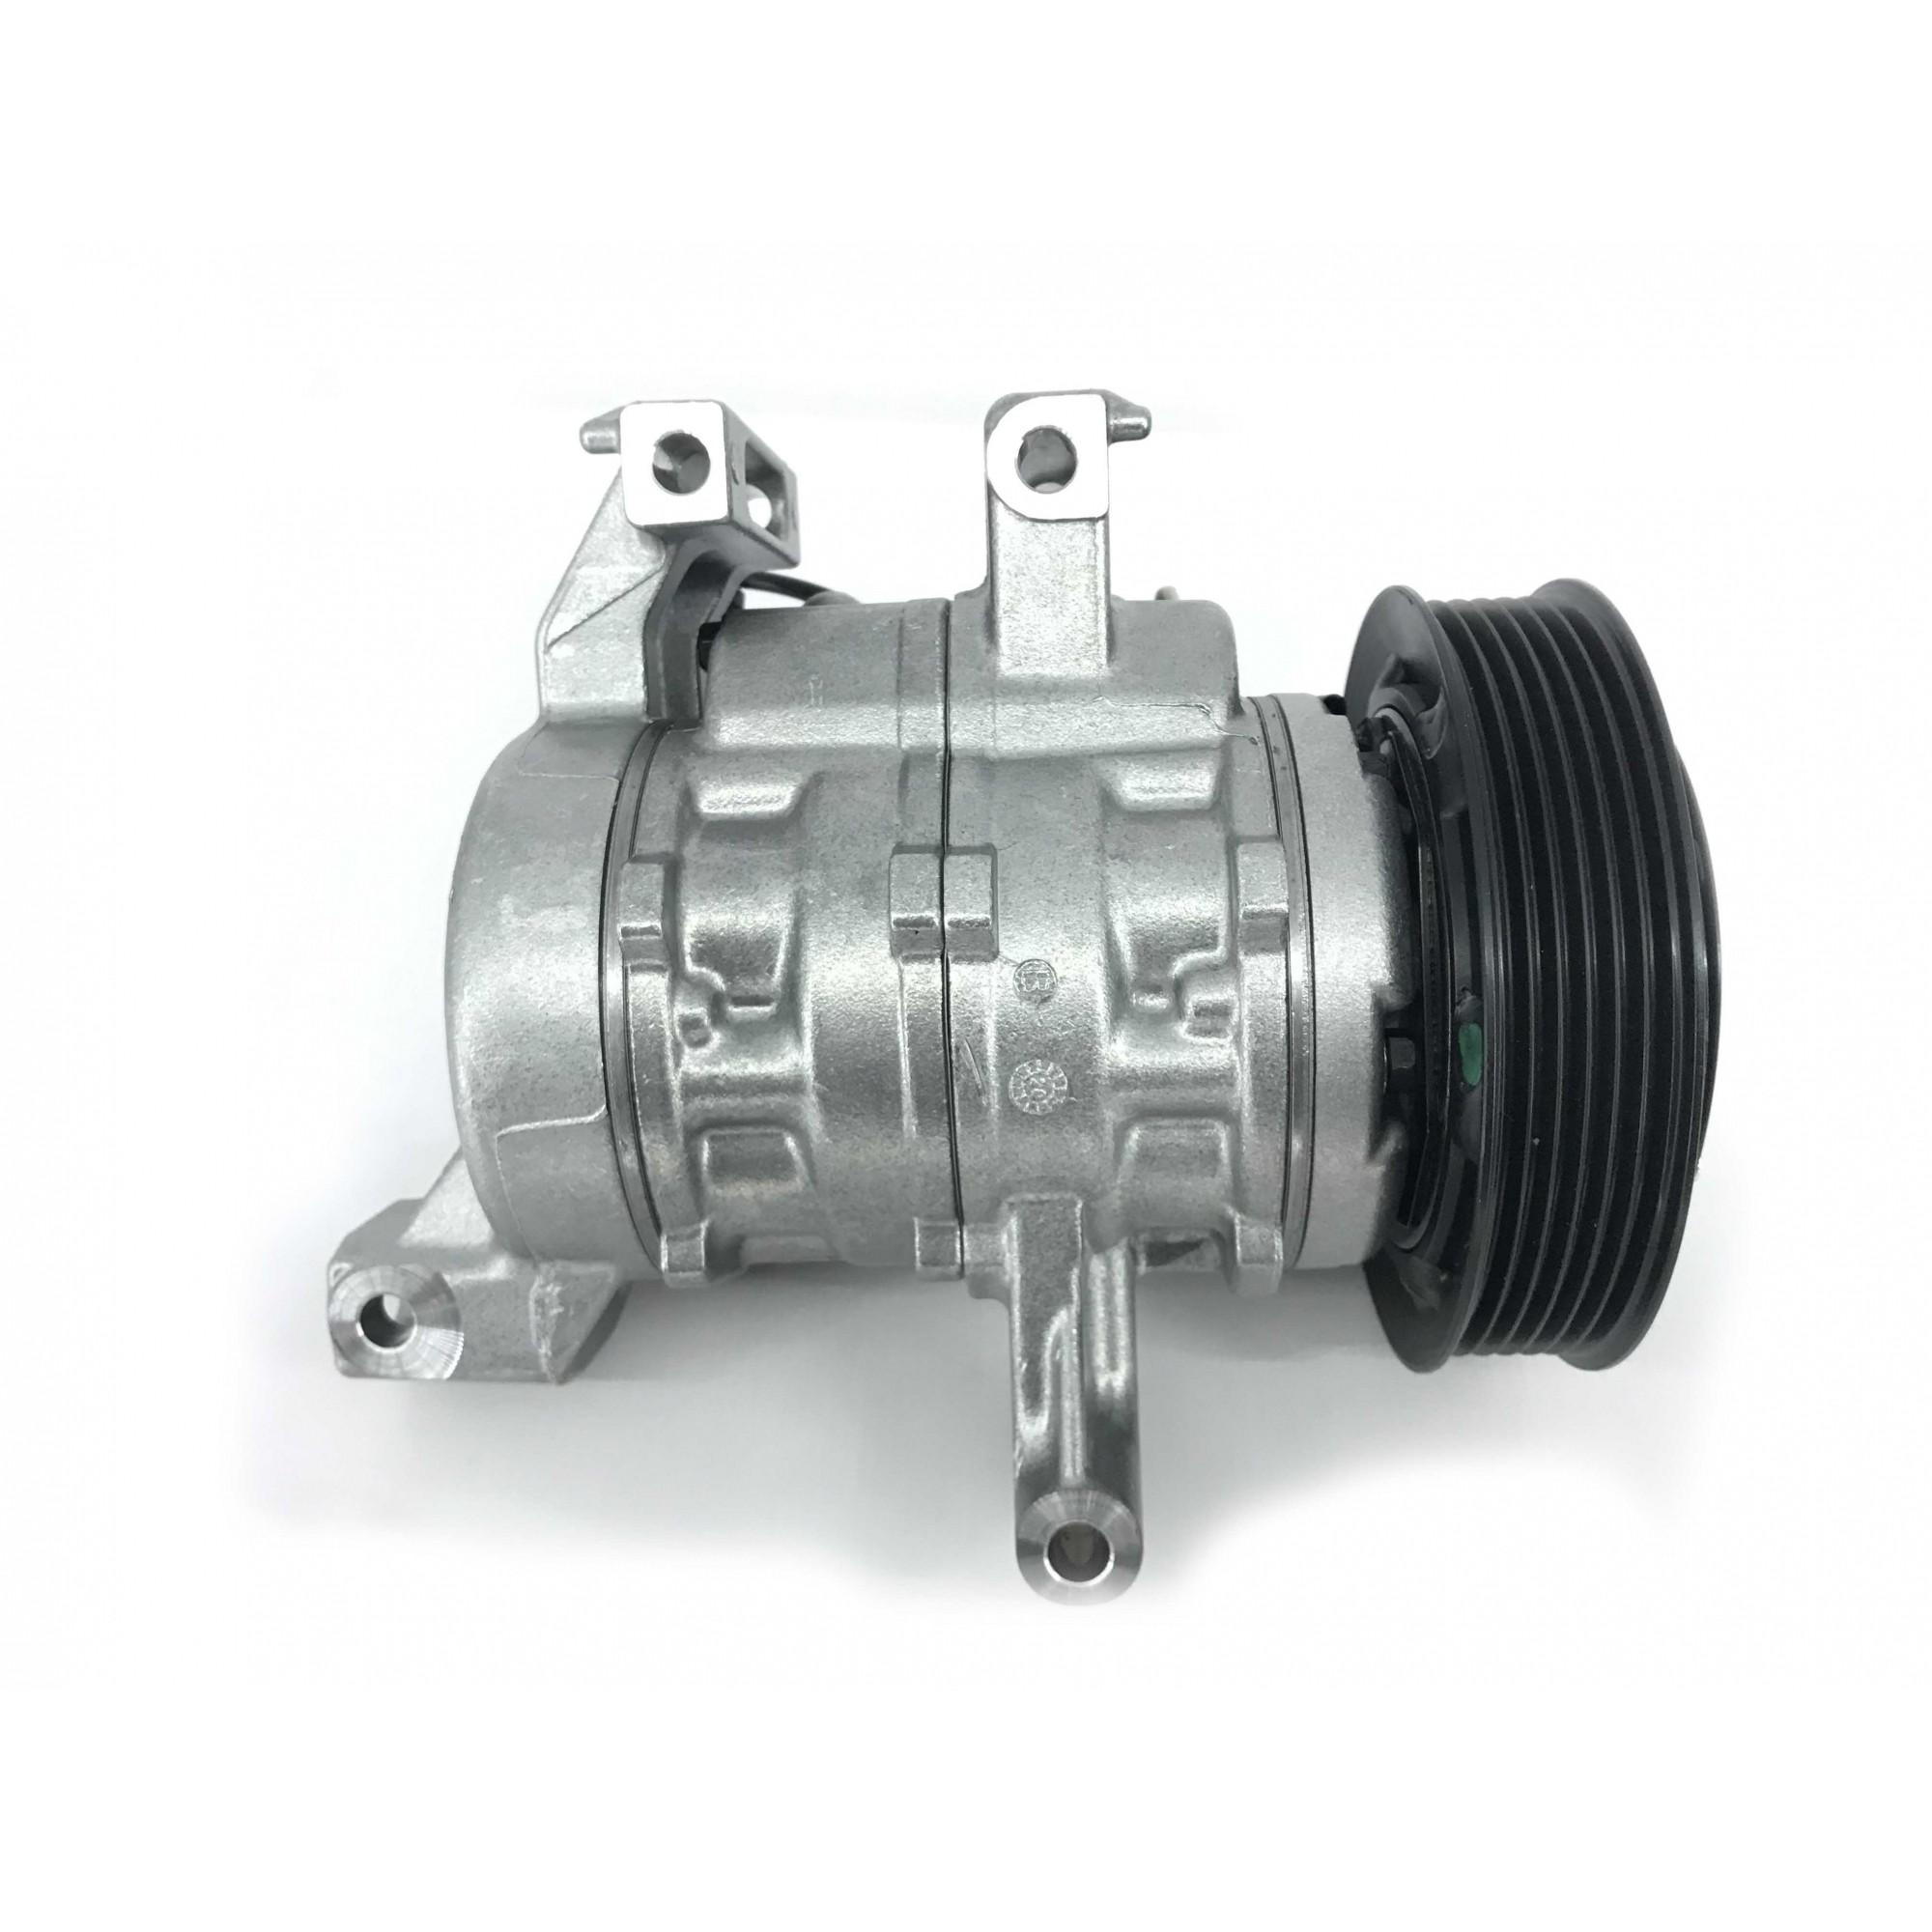 Compressor HRV 2015 2016 2017 2018 2019 original denso